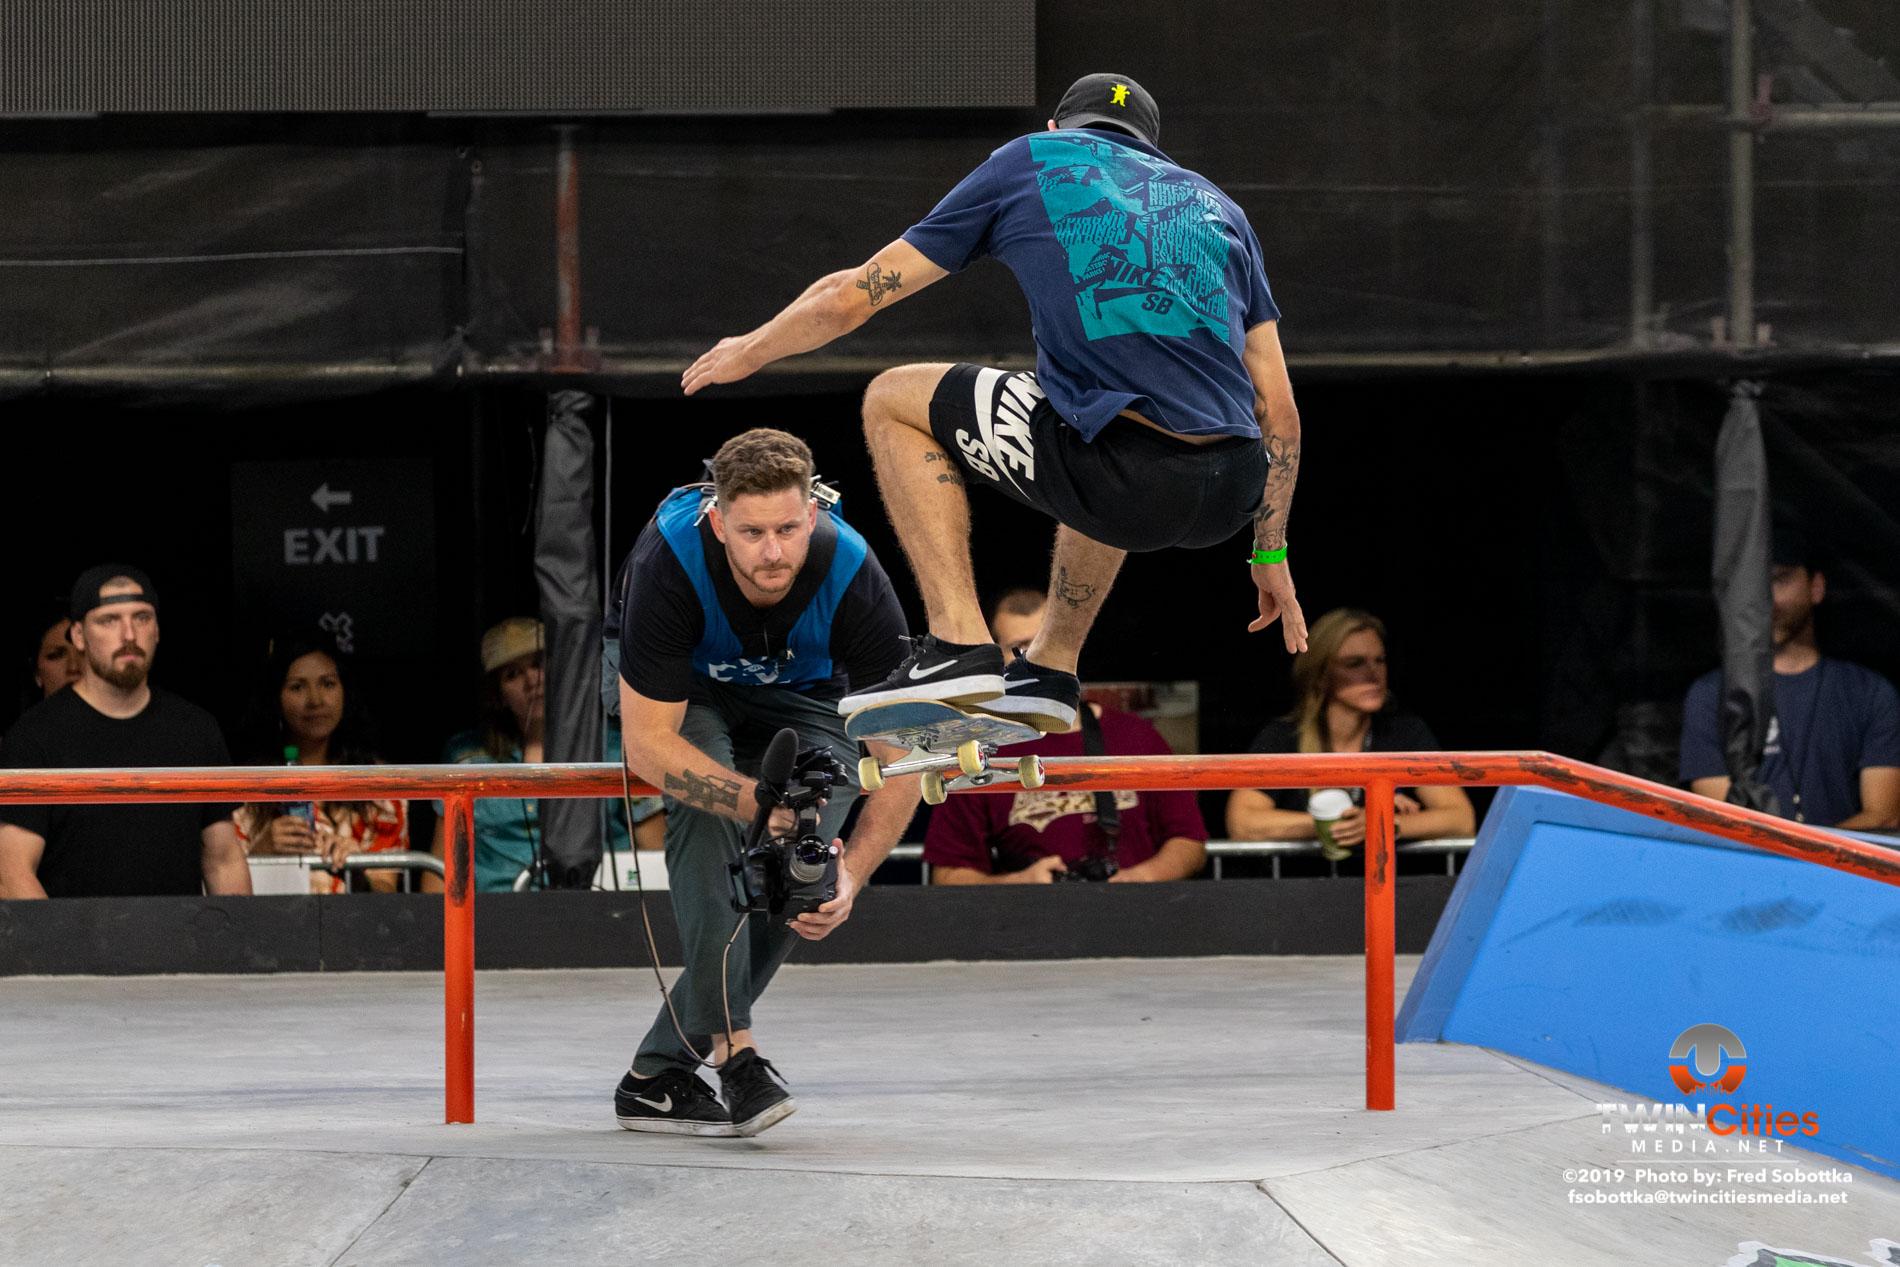 Monster-Energy-Mens-Skateboard-Street-Elimination-11